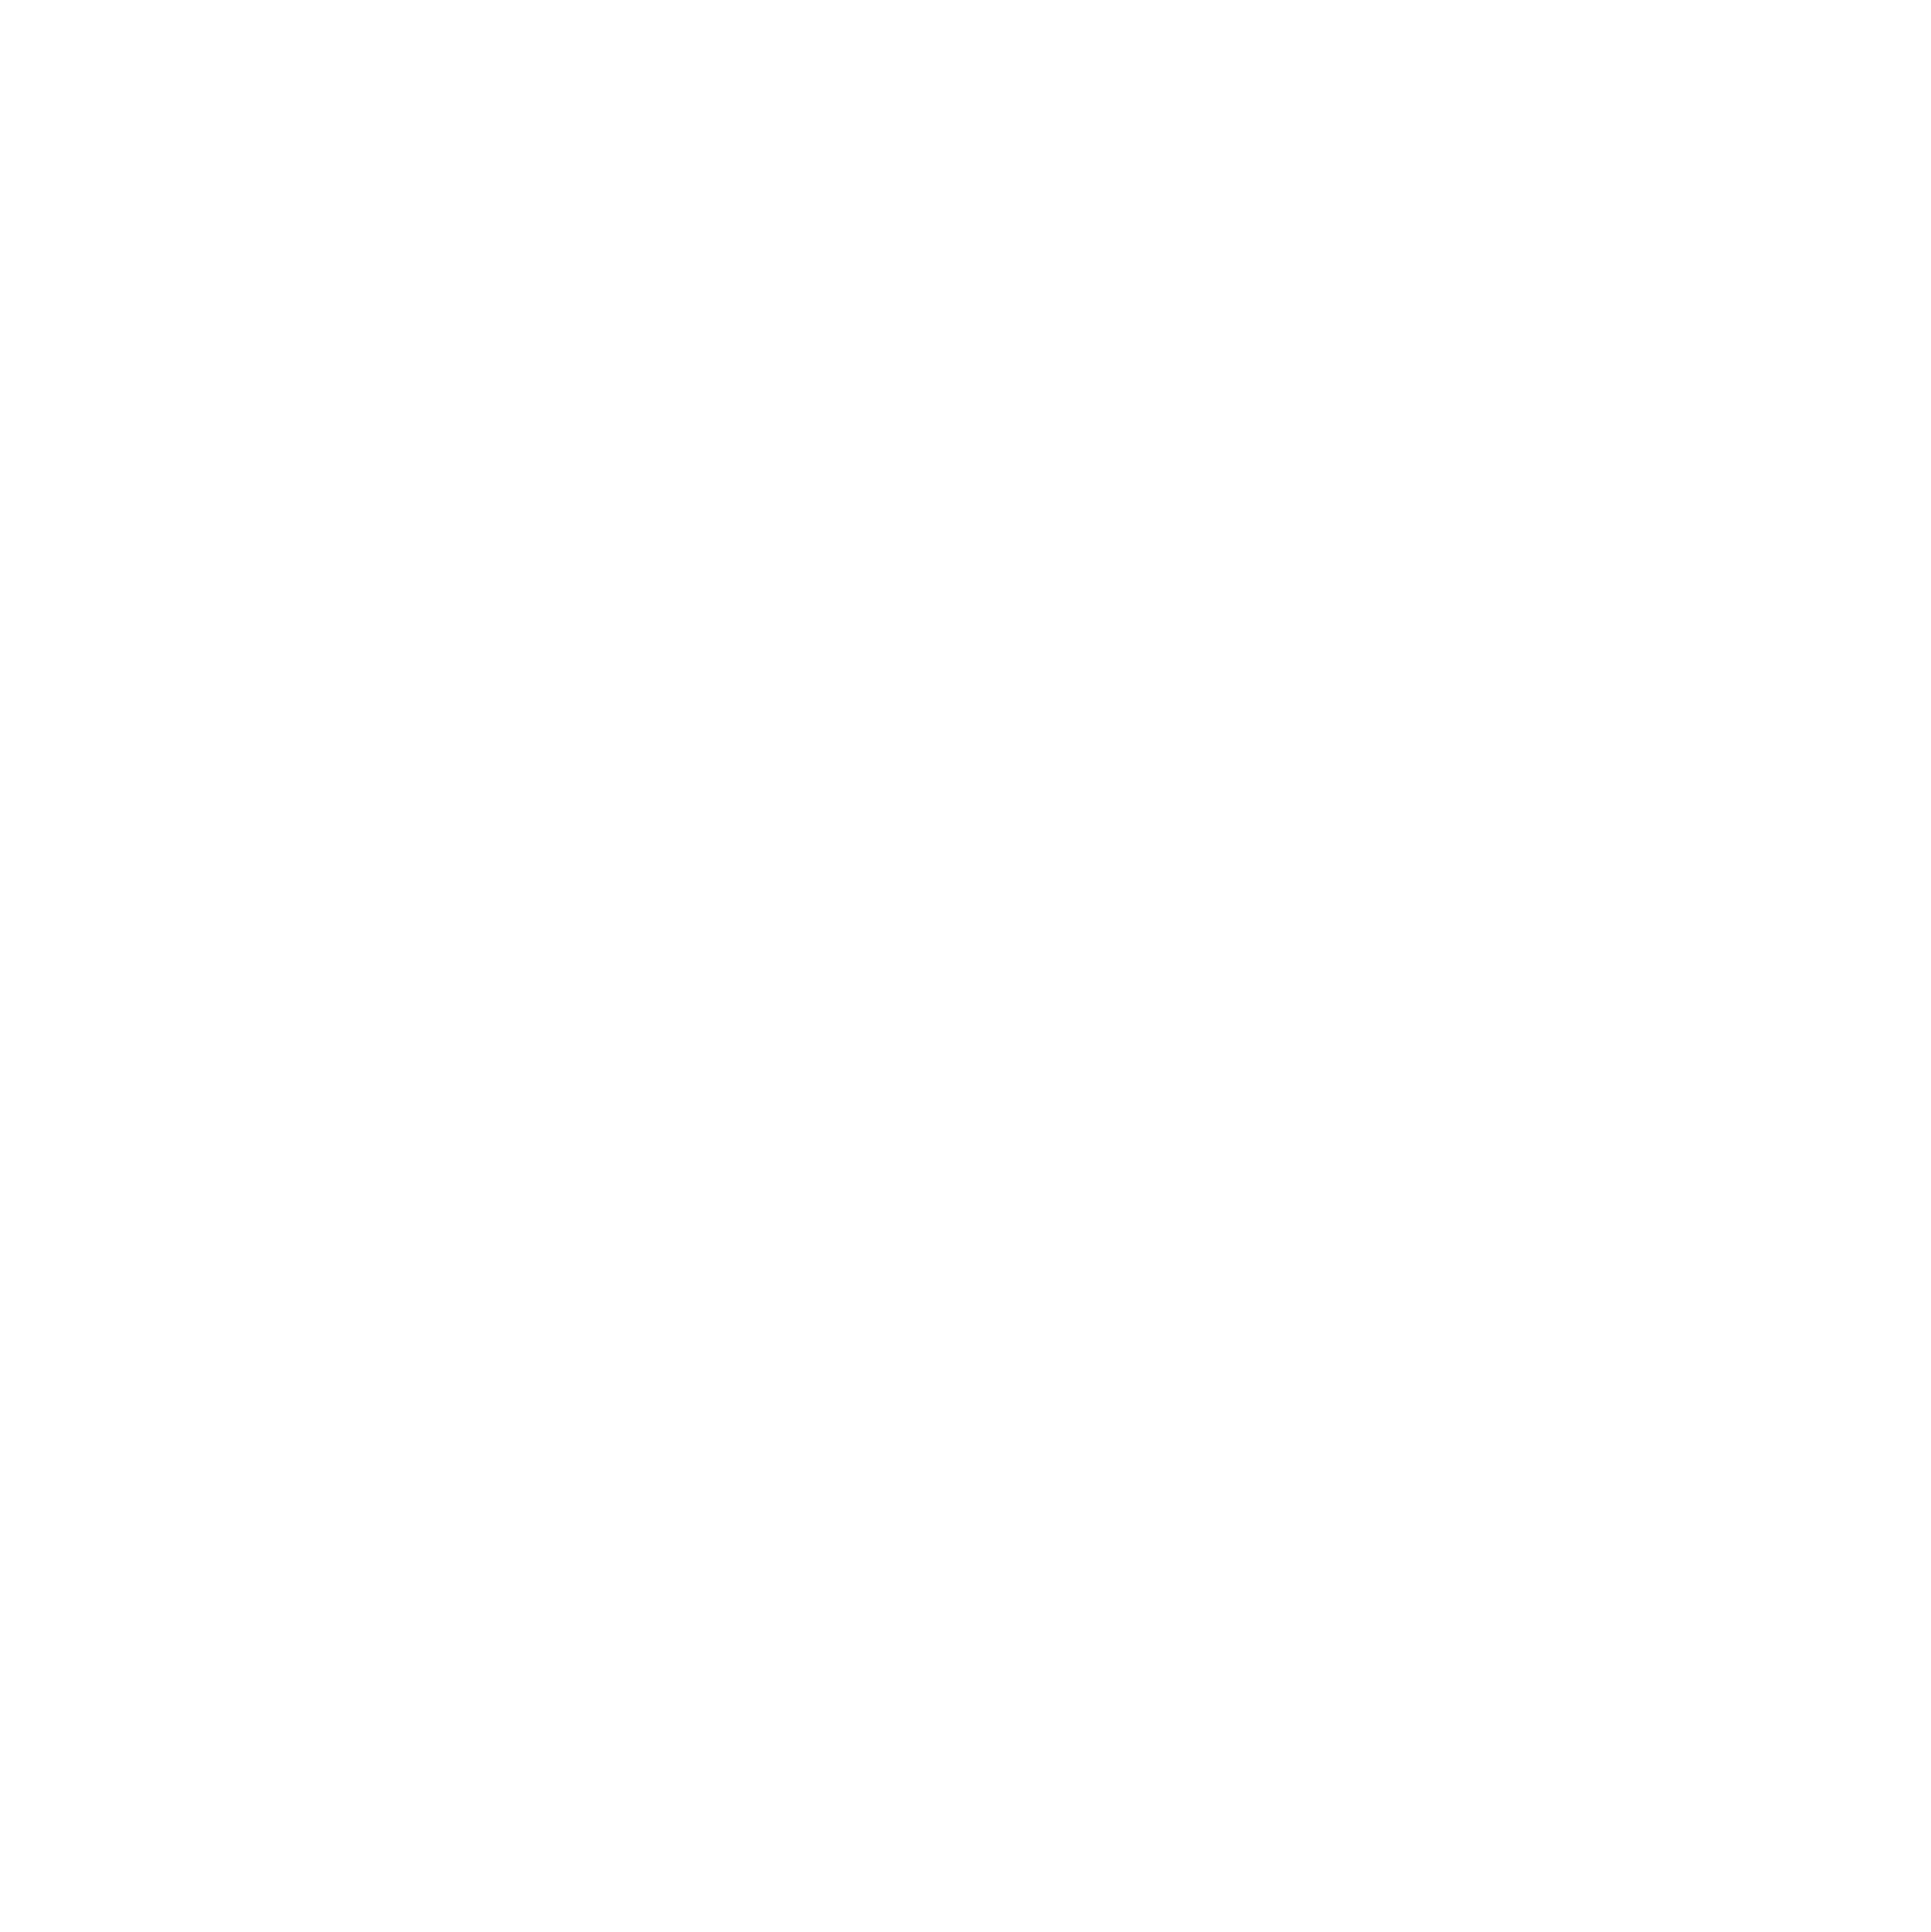 HattersMatters